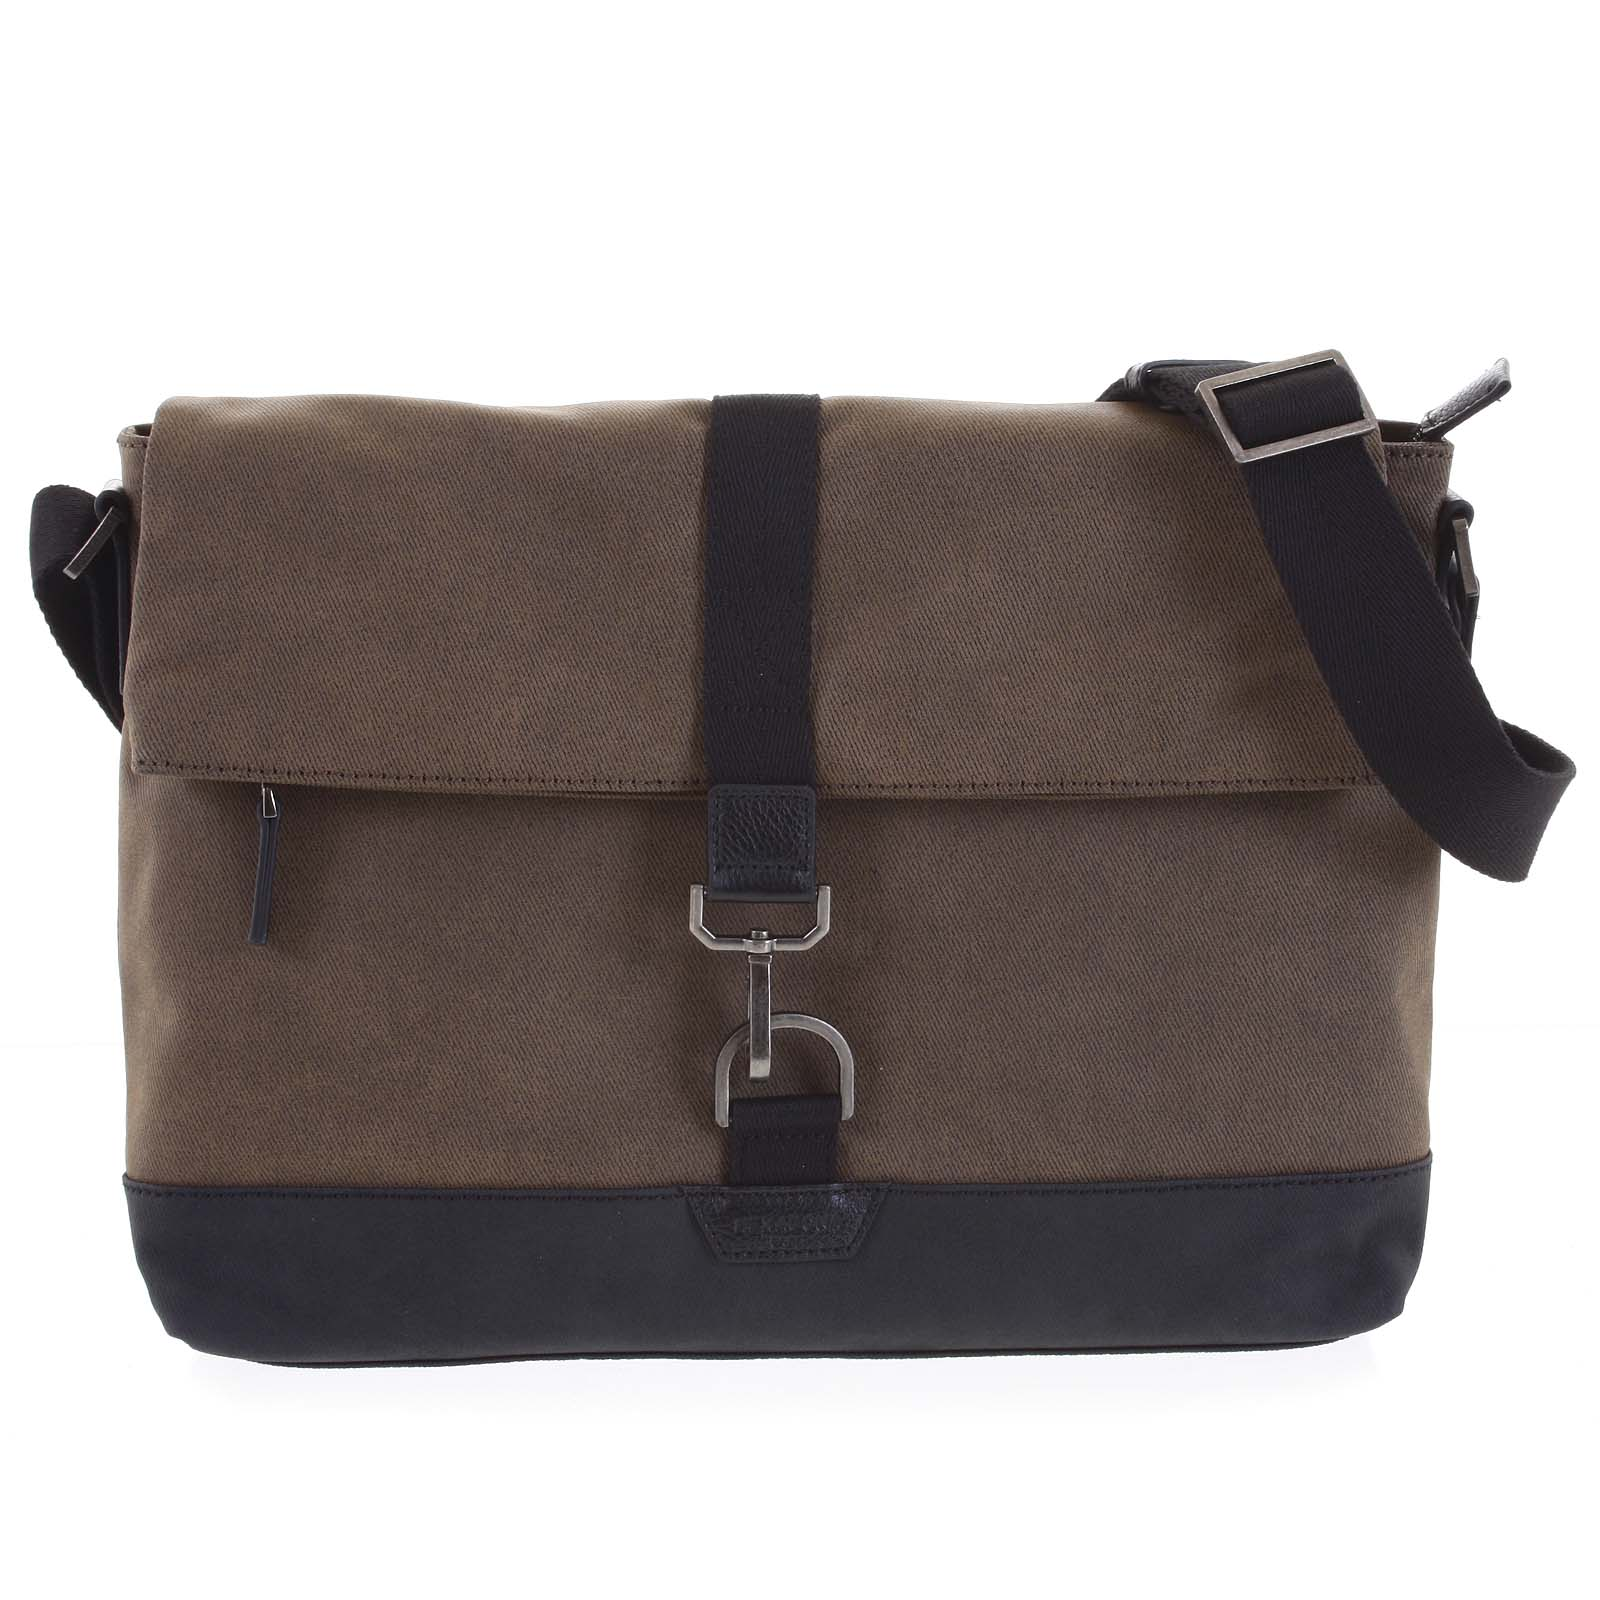 Pánská taška na notebook hnědá - Hexagona Cladrien hnědá